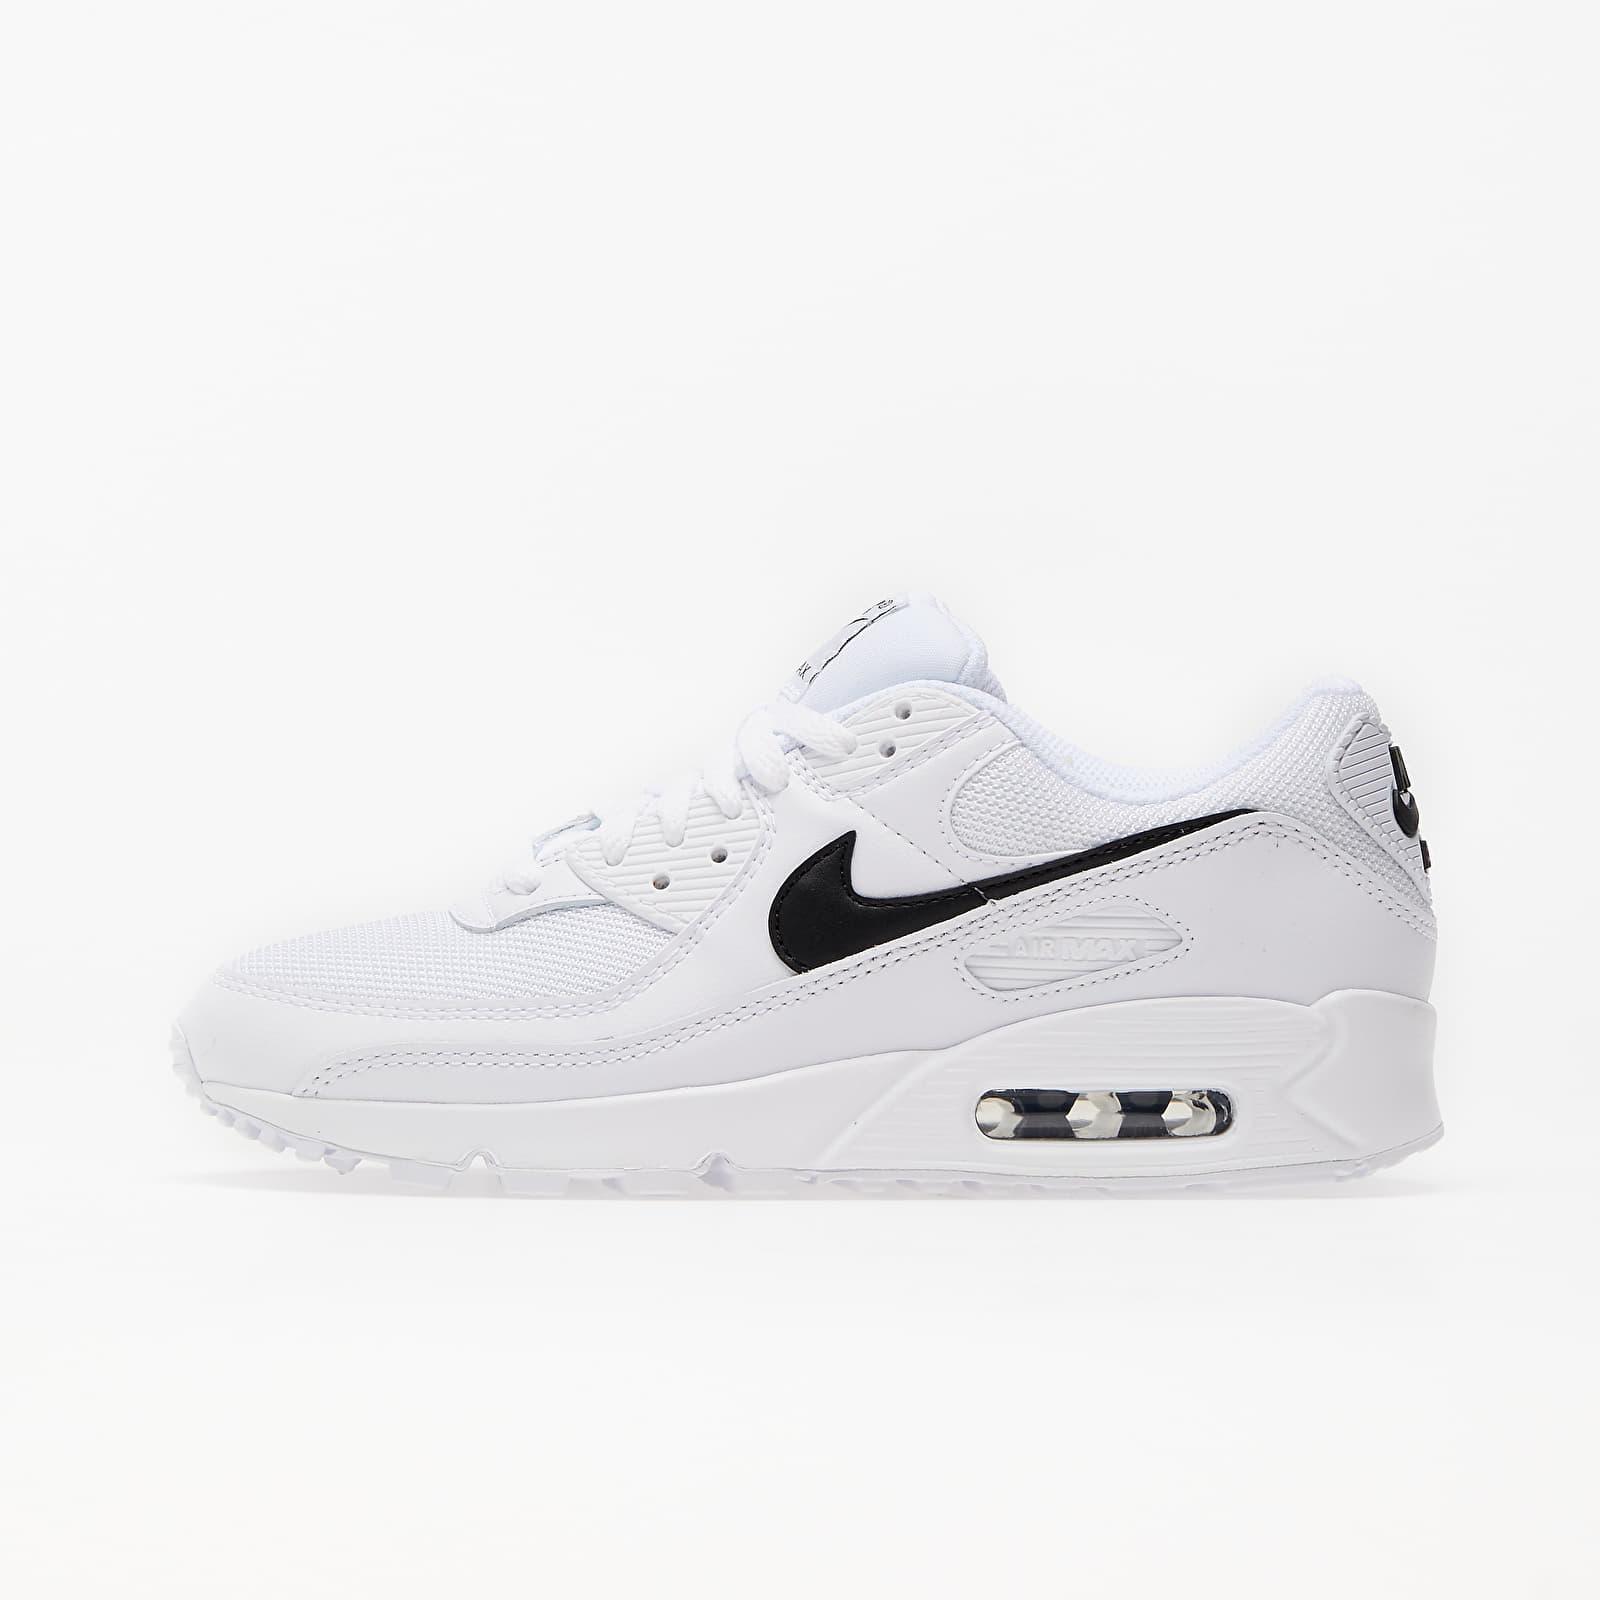 Nike W Air Max 90 White/ Black-White CQ2560-101